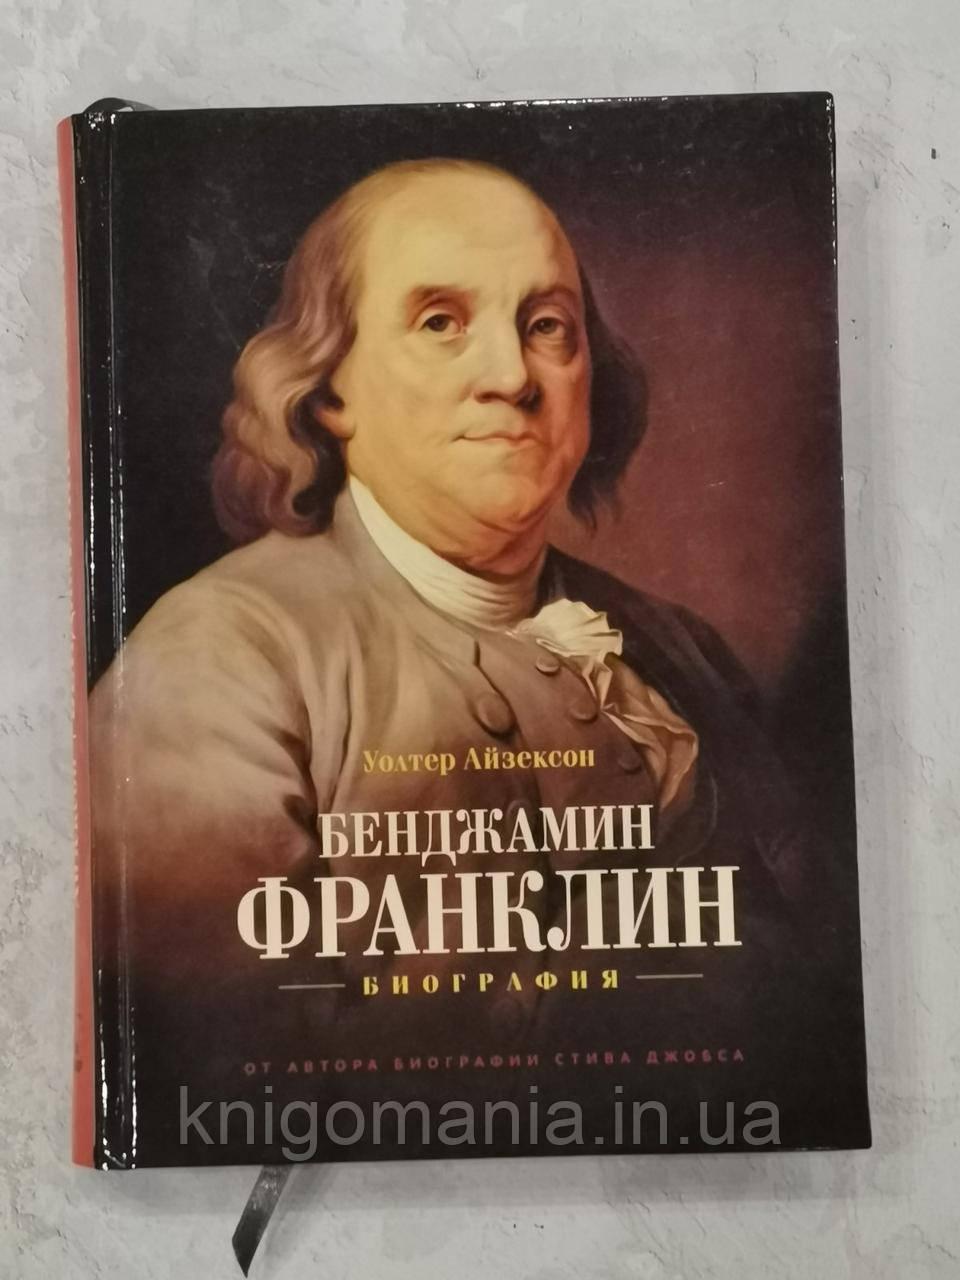 """Книга """"Бенджамин Франклин. Биография"""" Уолтер Айзексон"""